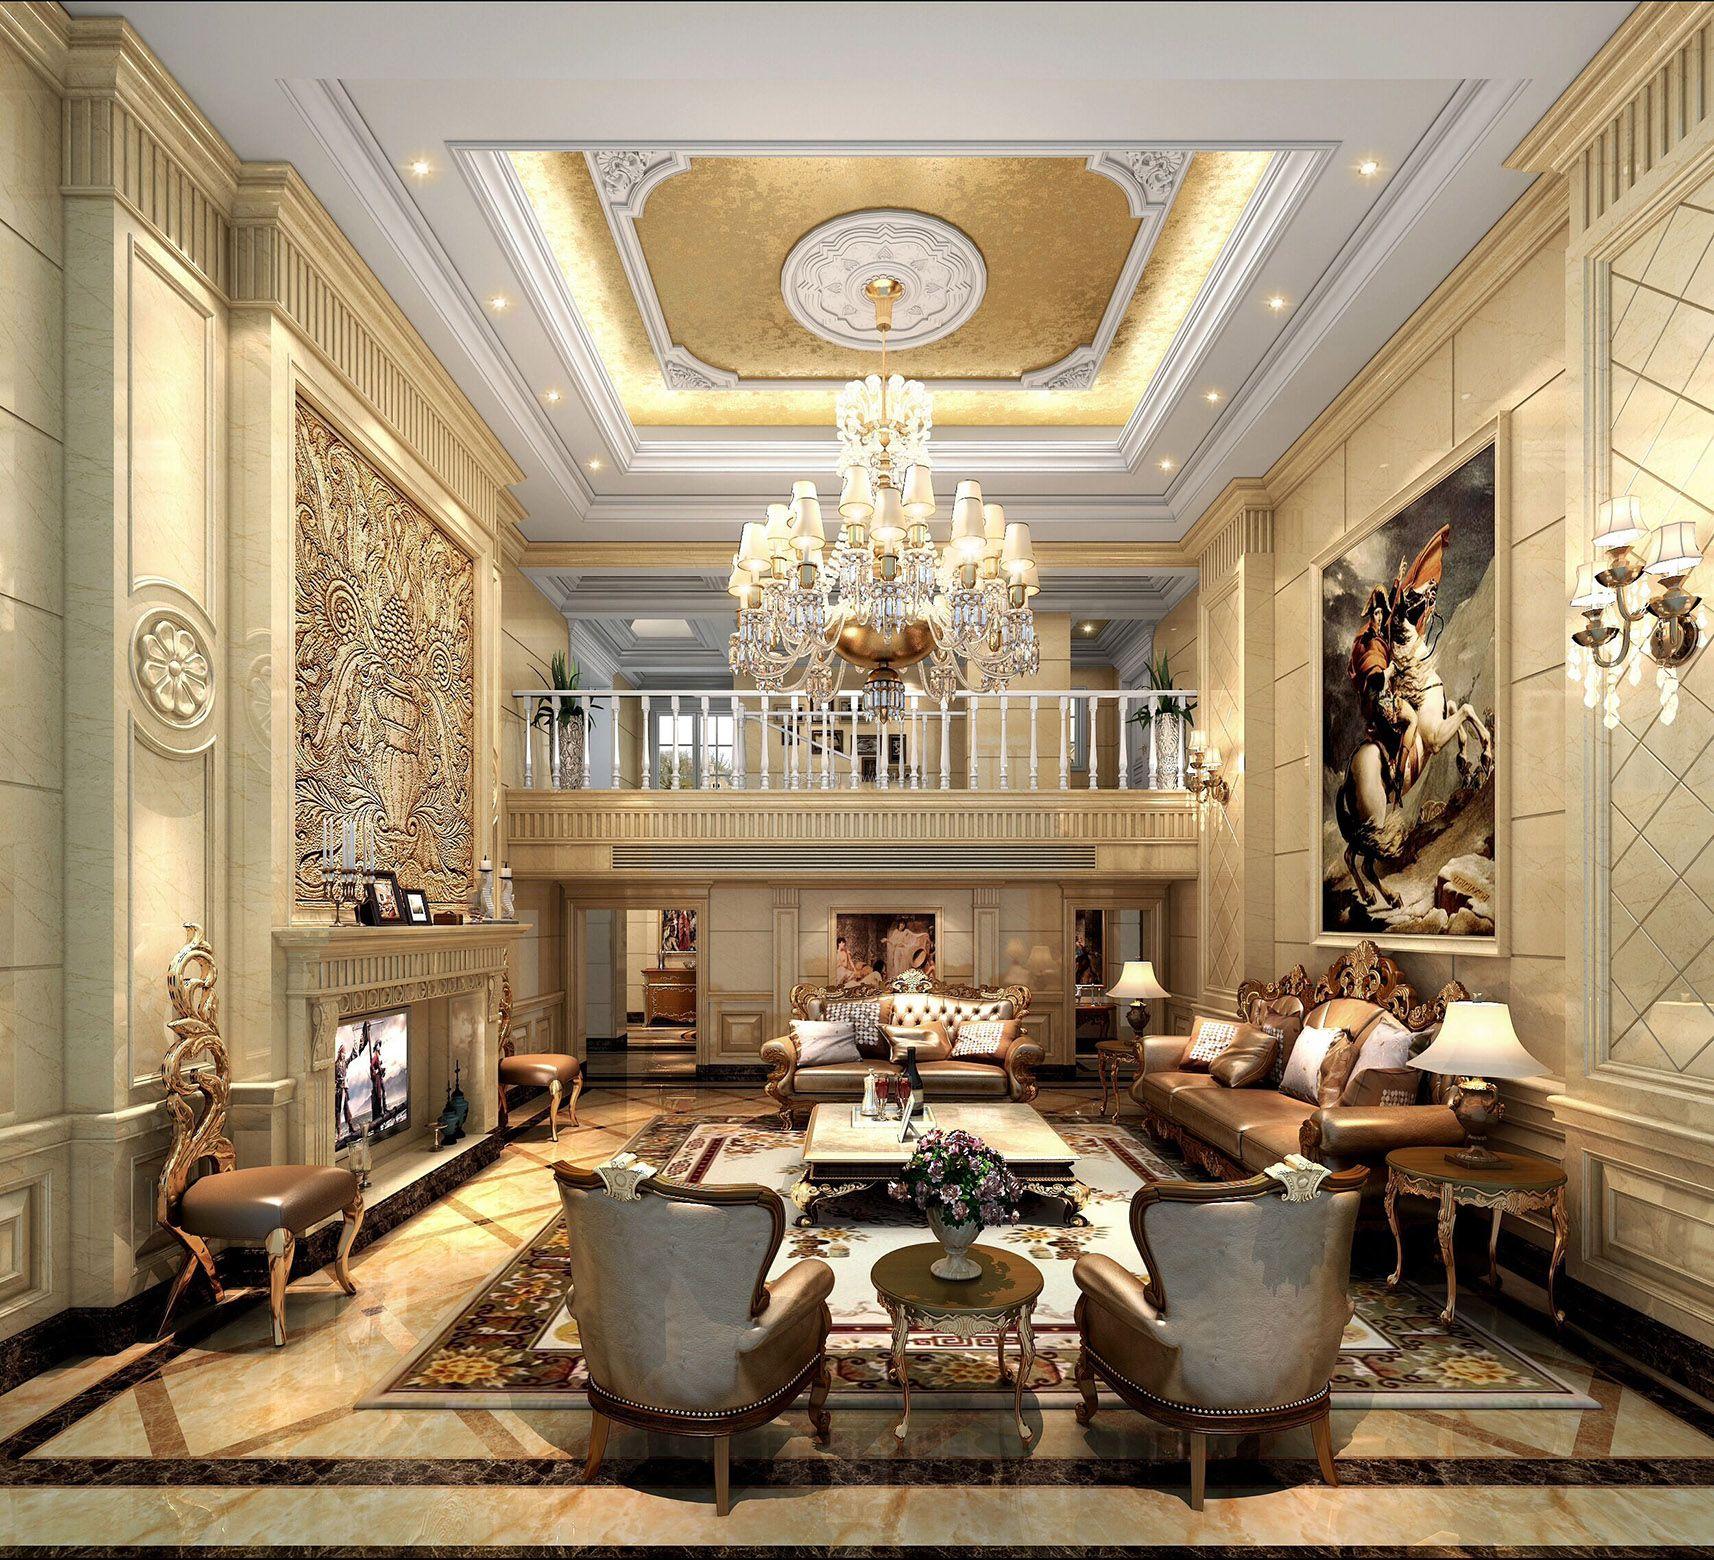 2017古典欧式豪华别墅客厅壁炉电视墙设计装修效果图图片